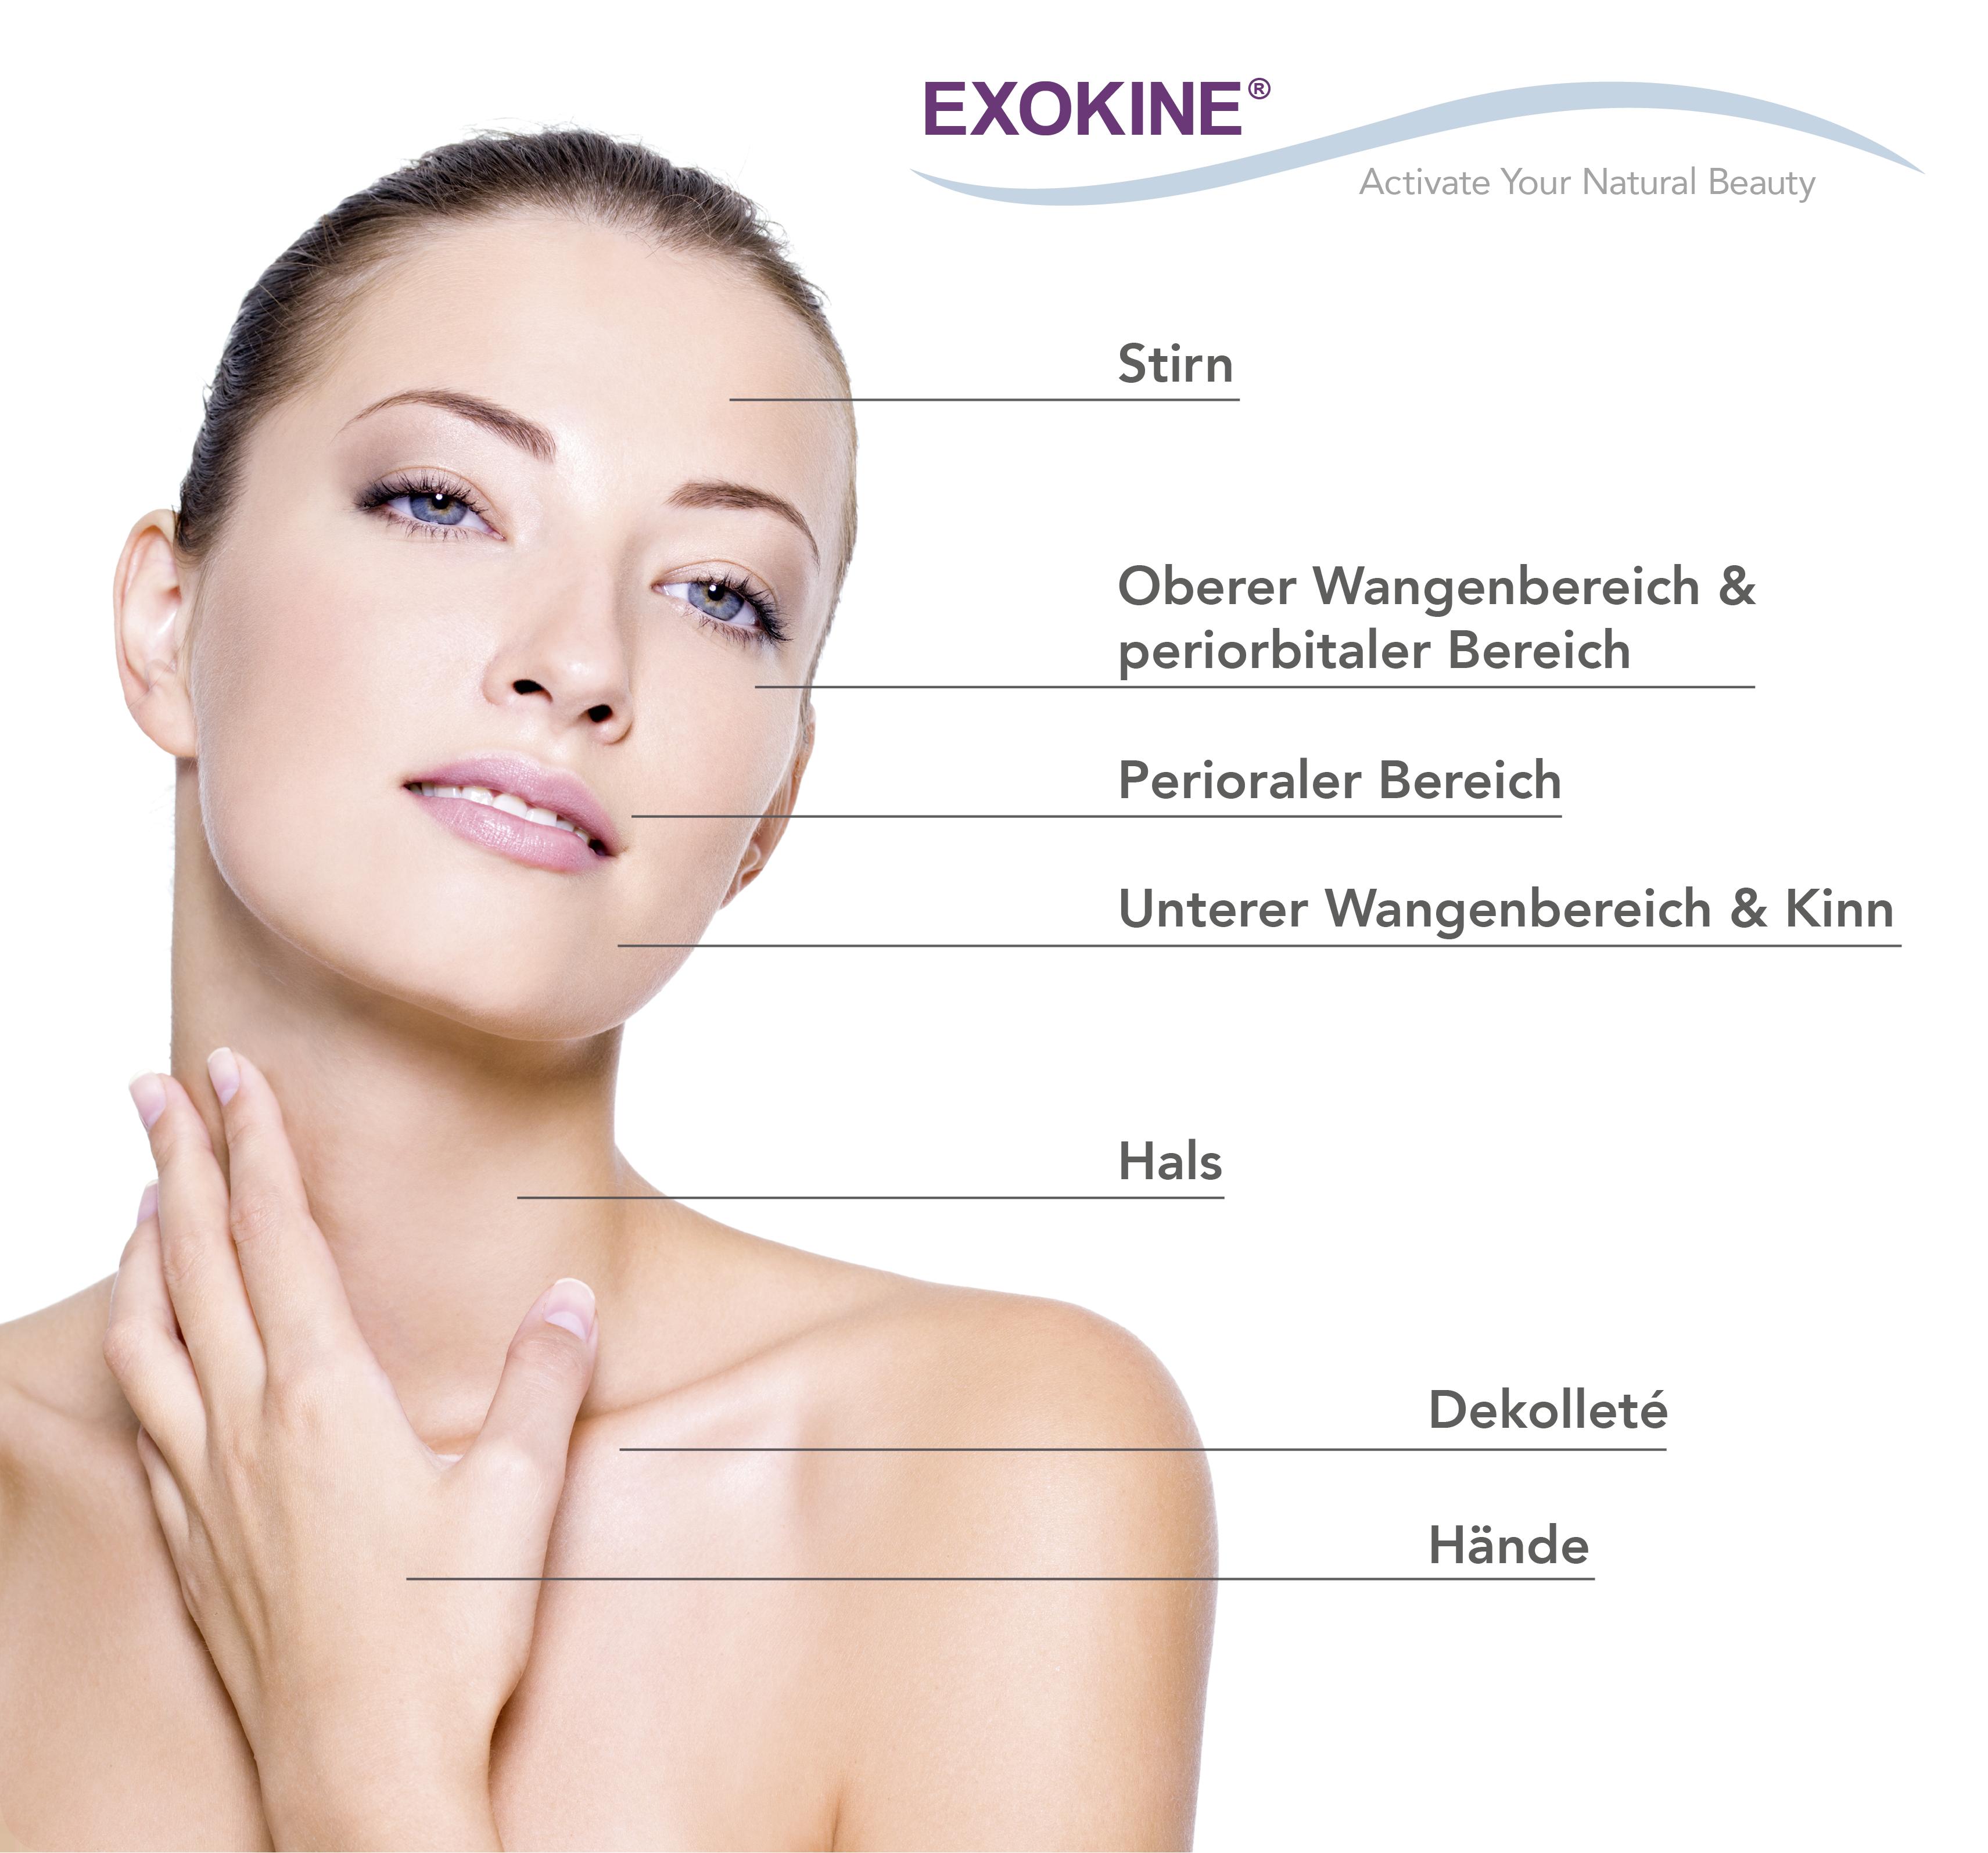 Exokine_Behandlungsregionen_de